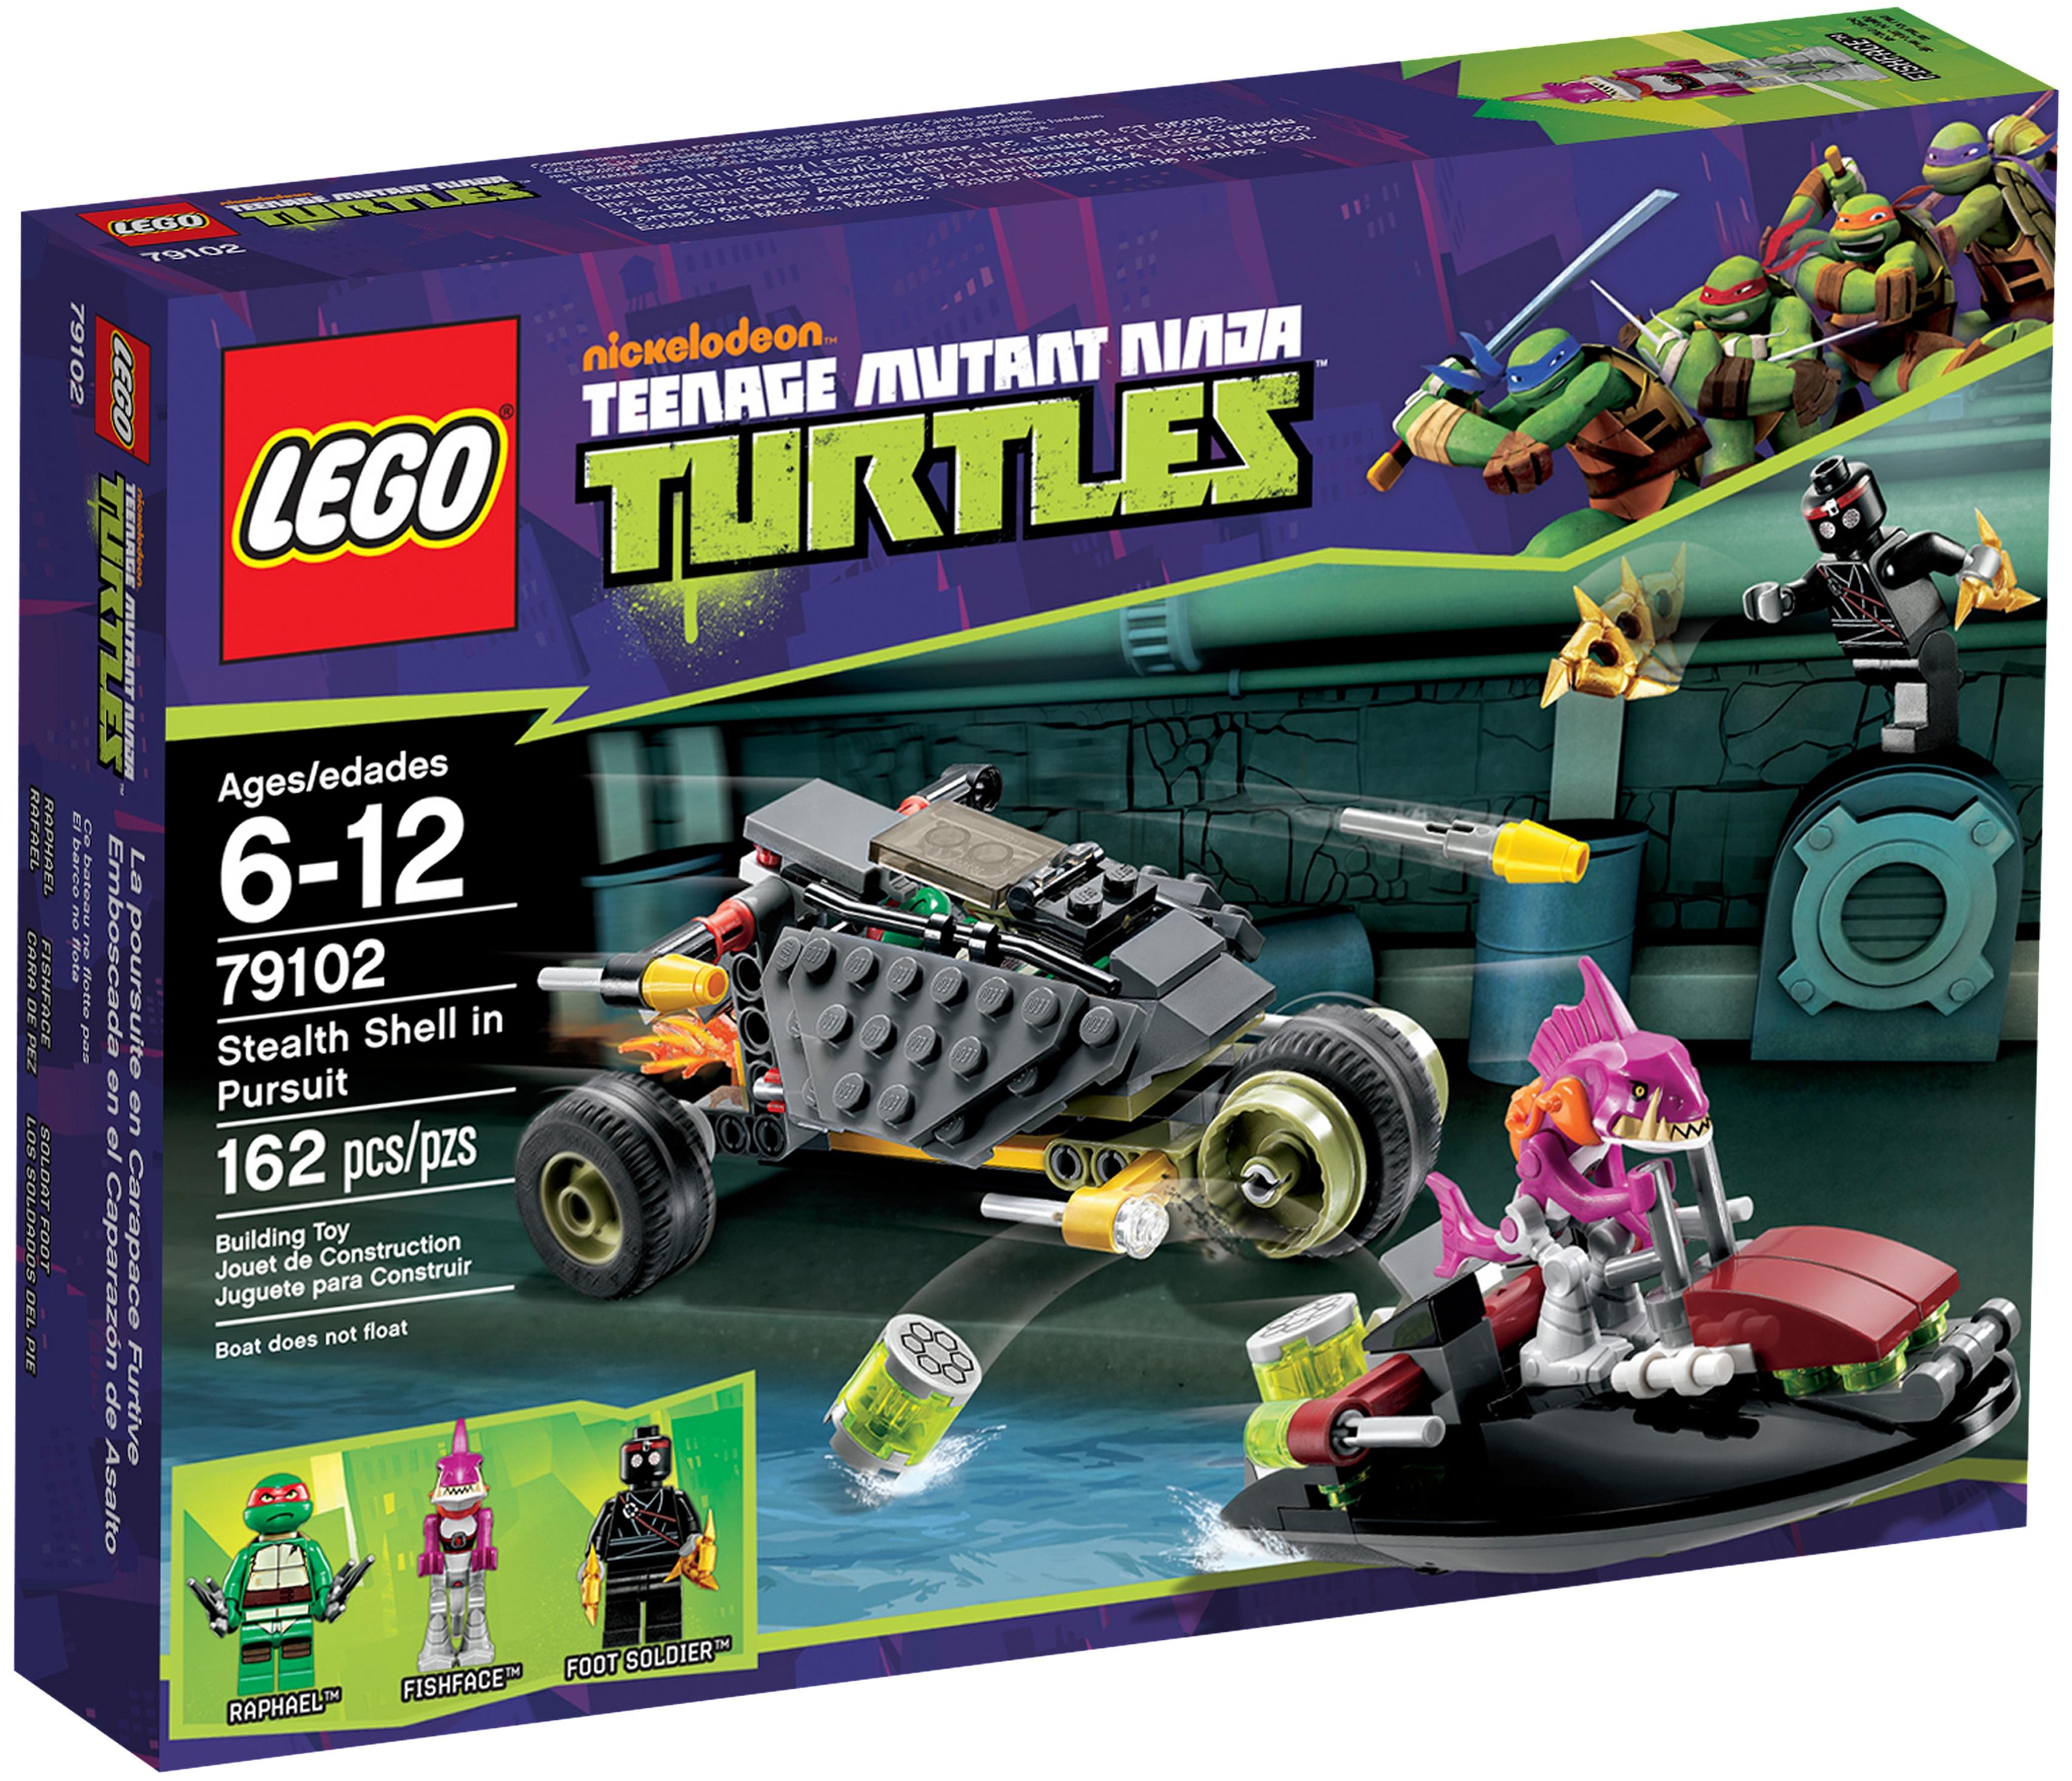 Ninjago Furtife Tank Lego King Ultra Jouet eWE2HDI9Y